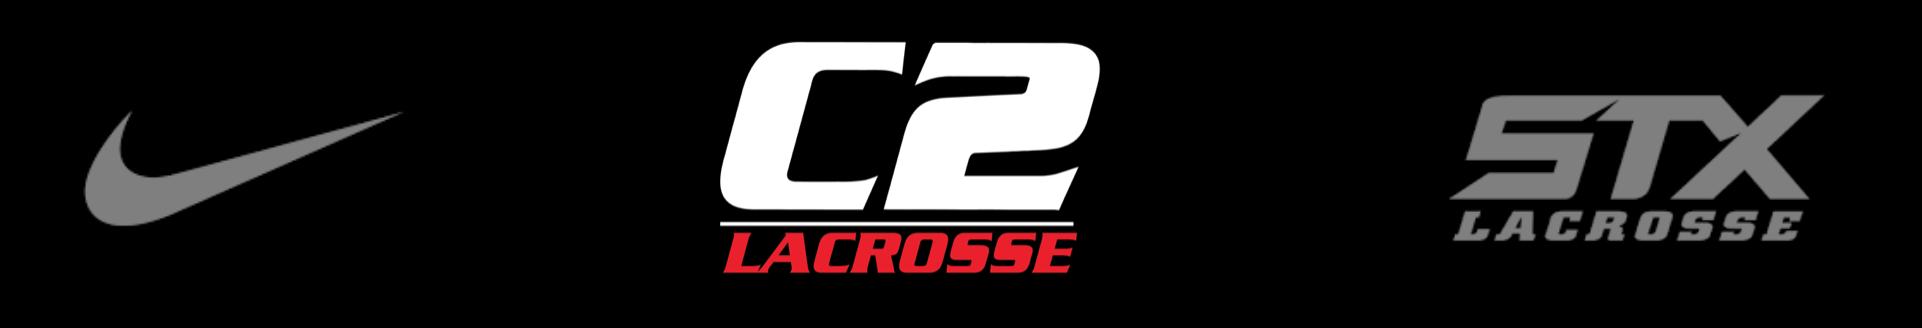 C2 Lacrosse, Lacrosse, Goal, Field